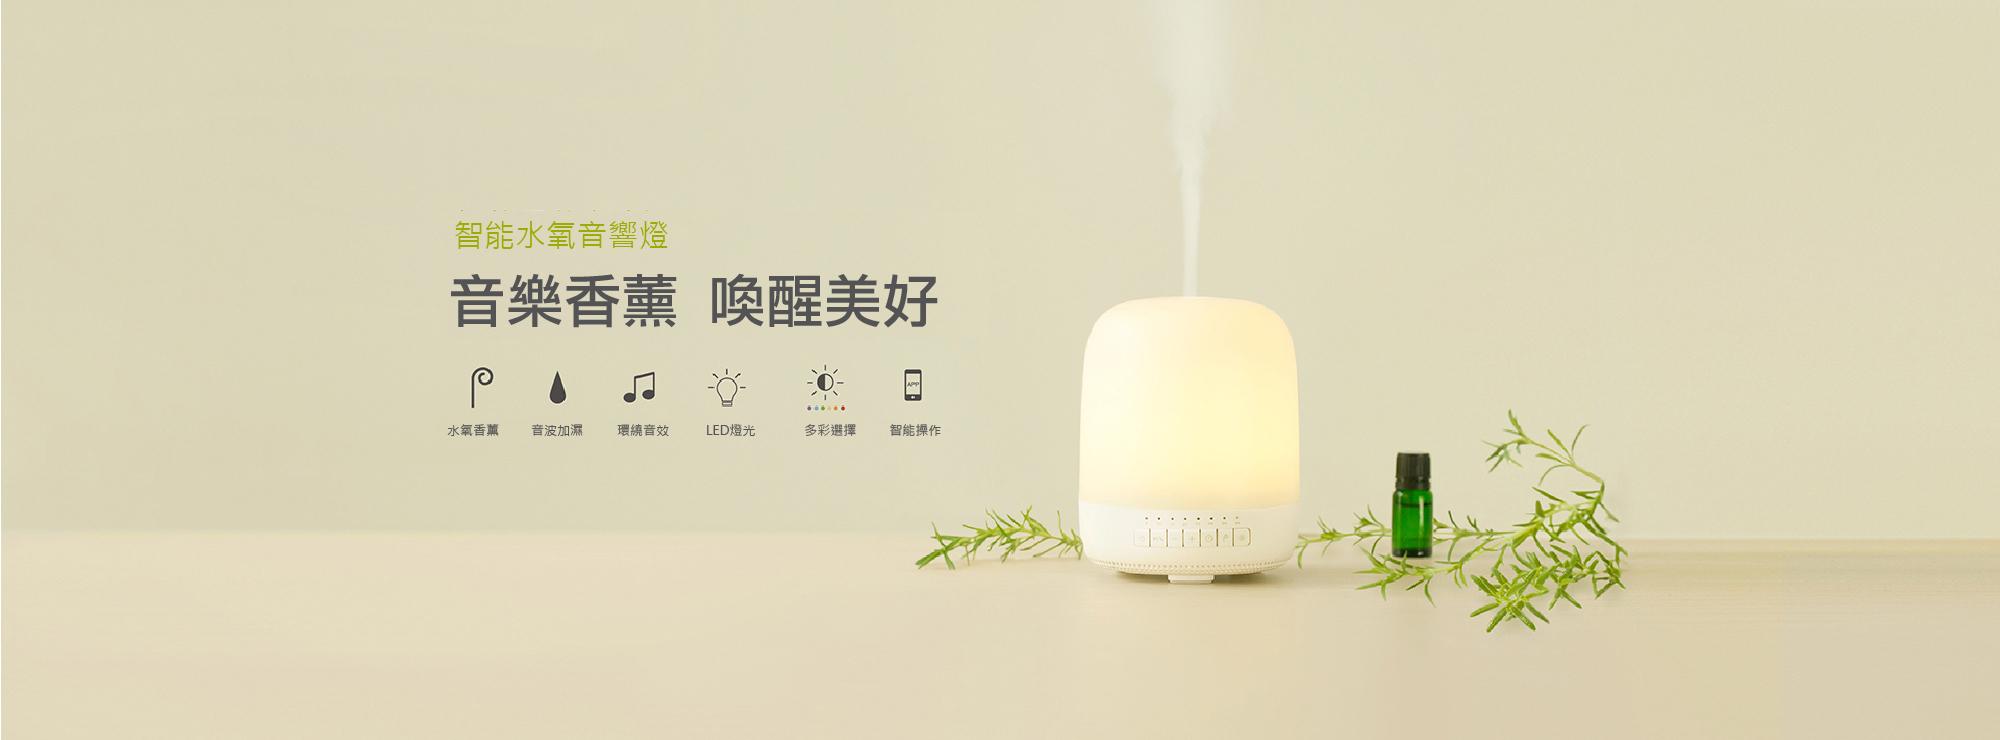 無線充電,水氧機,香氛燈,香氛音響,極簡,設計,智能音響,家居設計,檯燈,精油